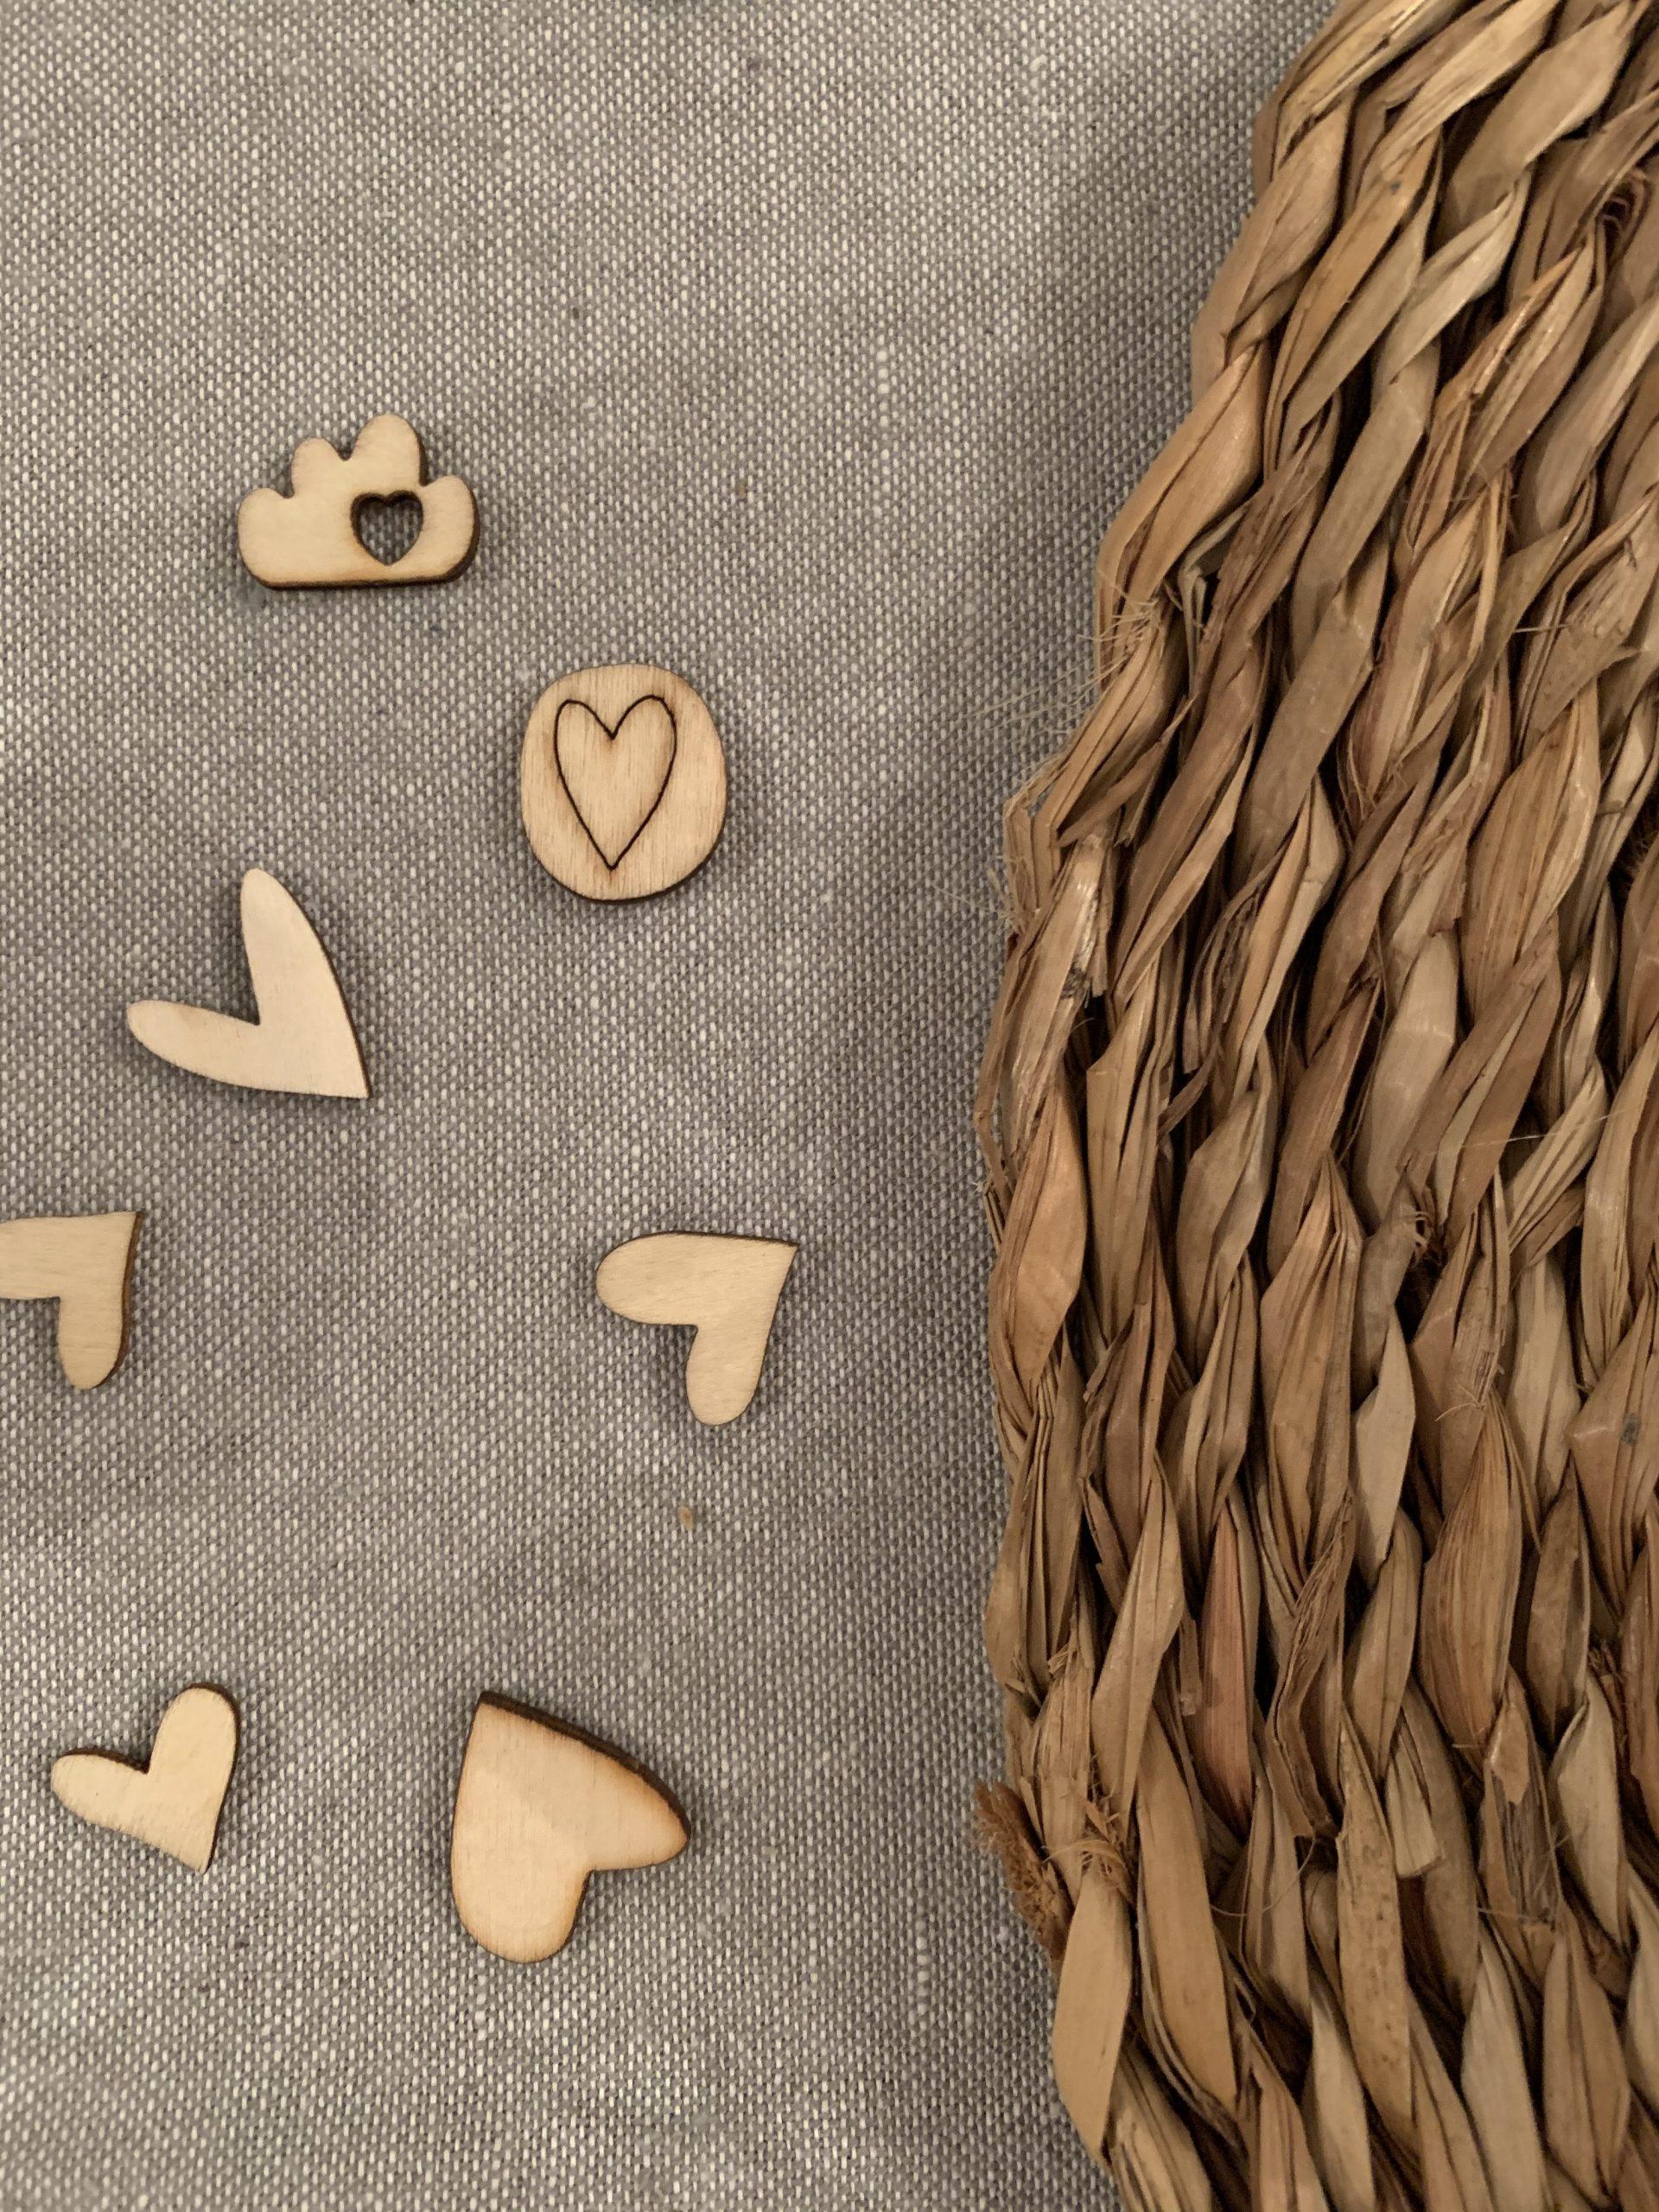 décoration de table kikimagtravel